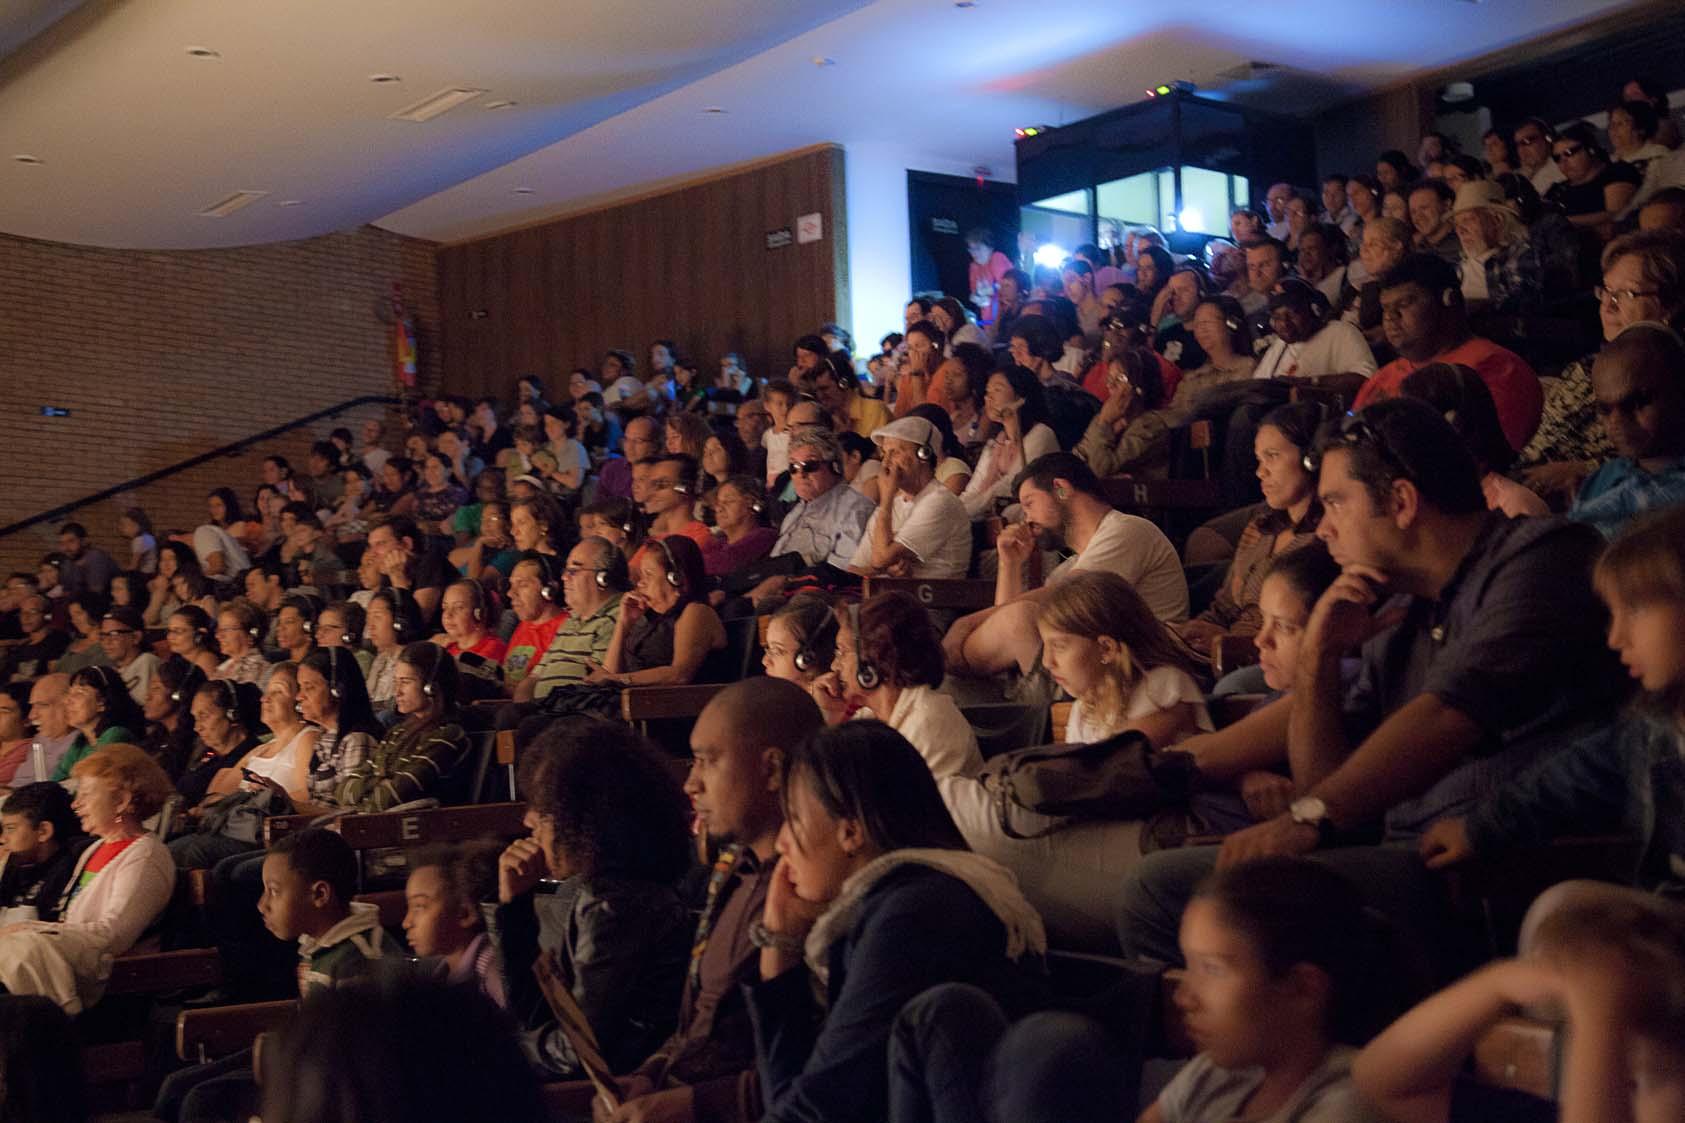 Fotografia colorida da Sala Jardel Filho, no CCSP, lotada para a segunda apresentação do Fantasma do Som com audiodescrição. Muitas pessoas com deficiência visual usam fones de ouvido e assistem ao espetáculo com acessibilidade no meio da plateia. Ao fundo, a cabine de AD iluminada.